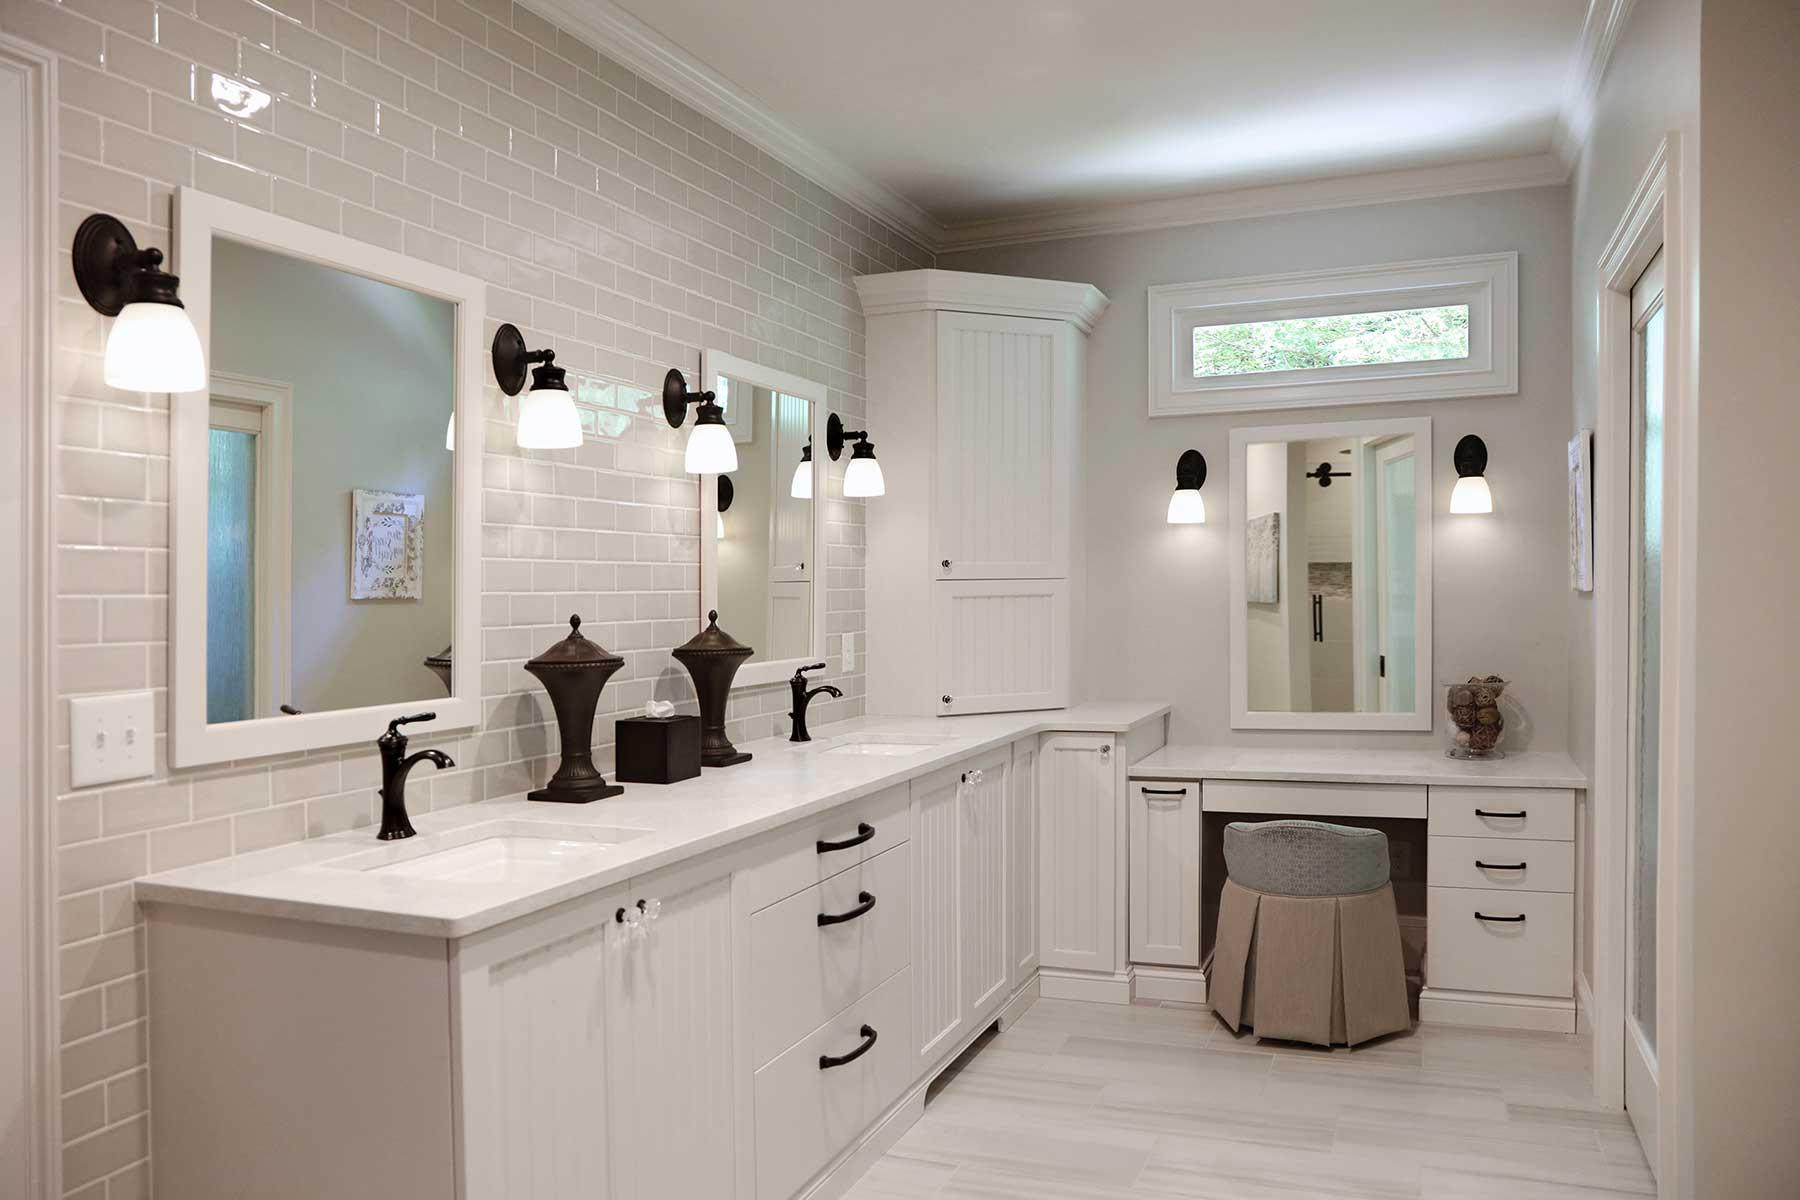 Complete Bathroom Transformation 2019